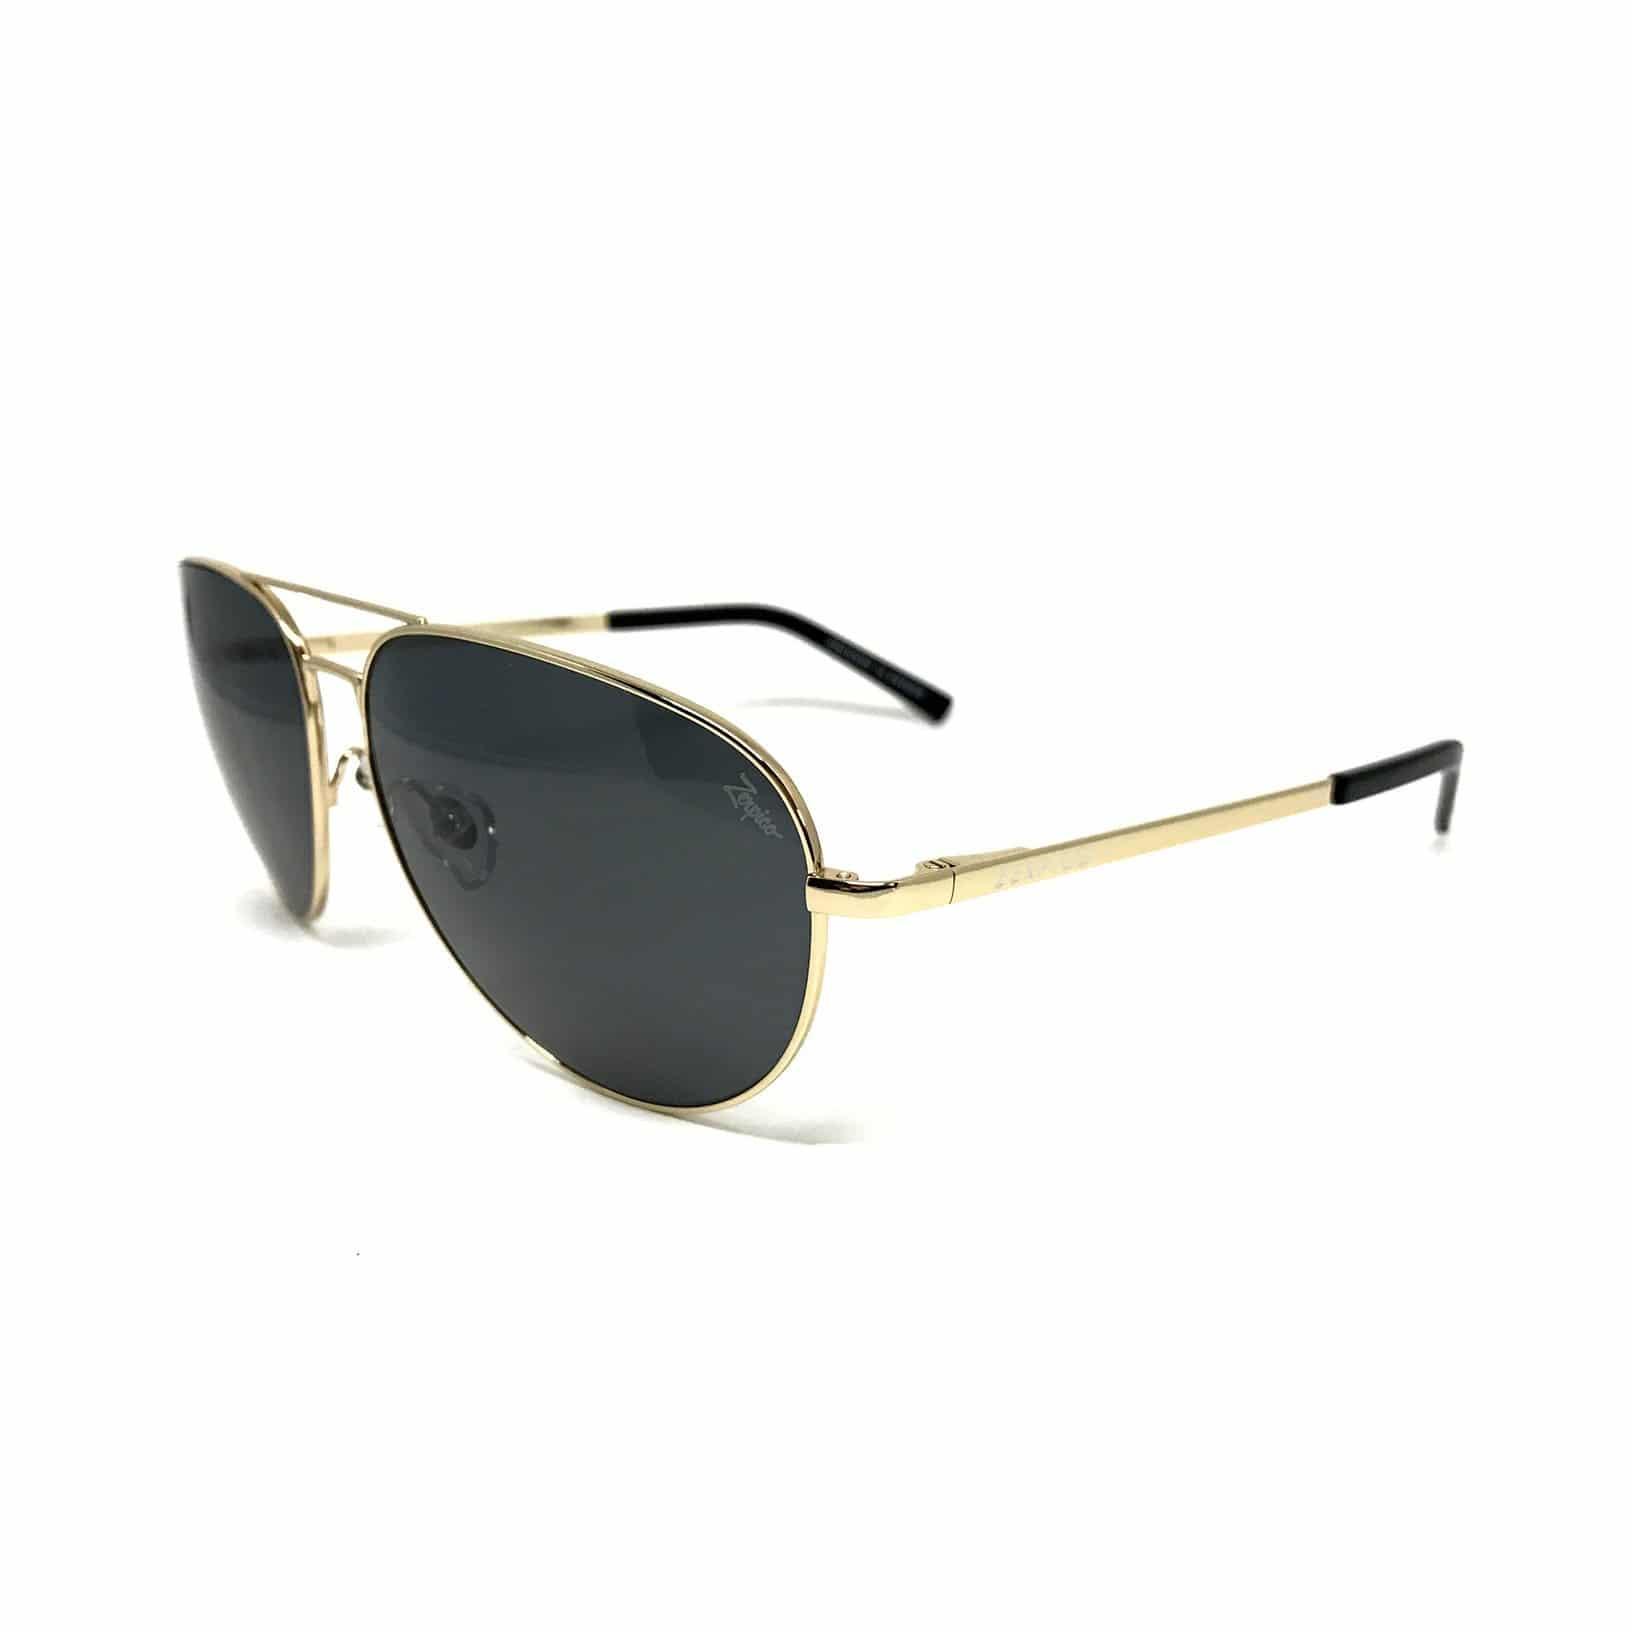 Zerpico TITAN Aviator Gull Titanium Solbriller | Kjøp Gull Solbriller Her